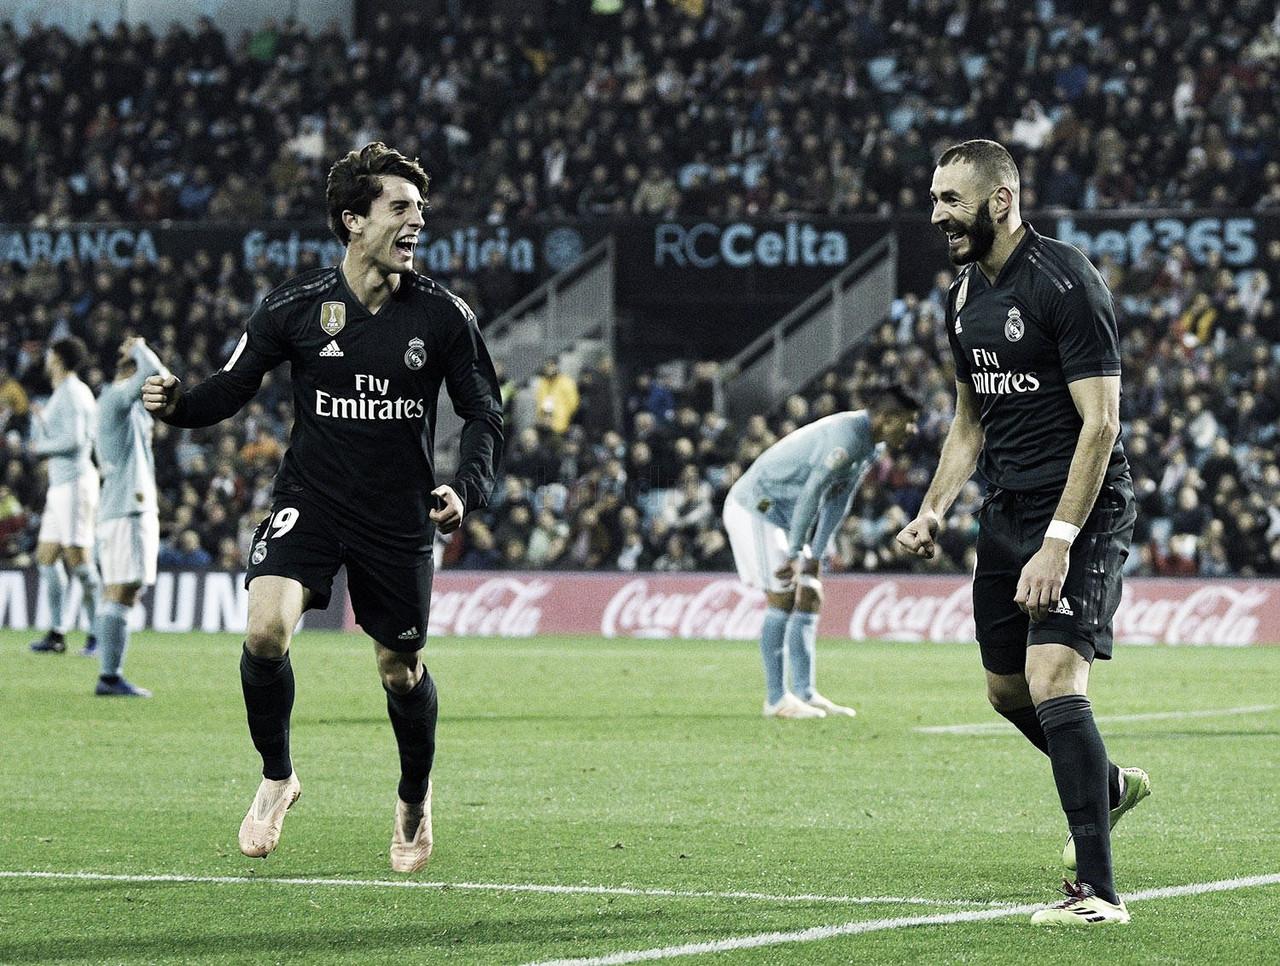 Vaivén de poco fútbol pero mucho Benzema